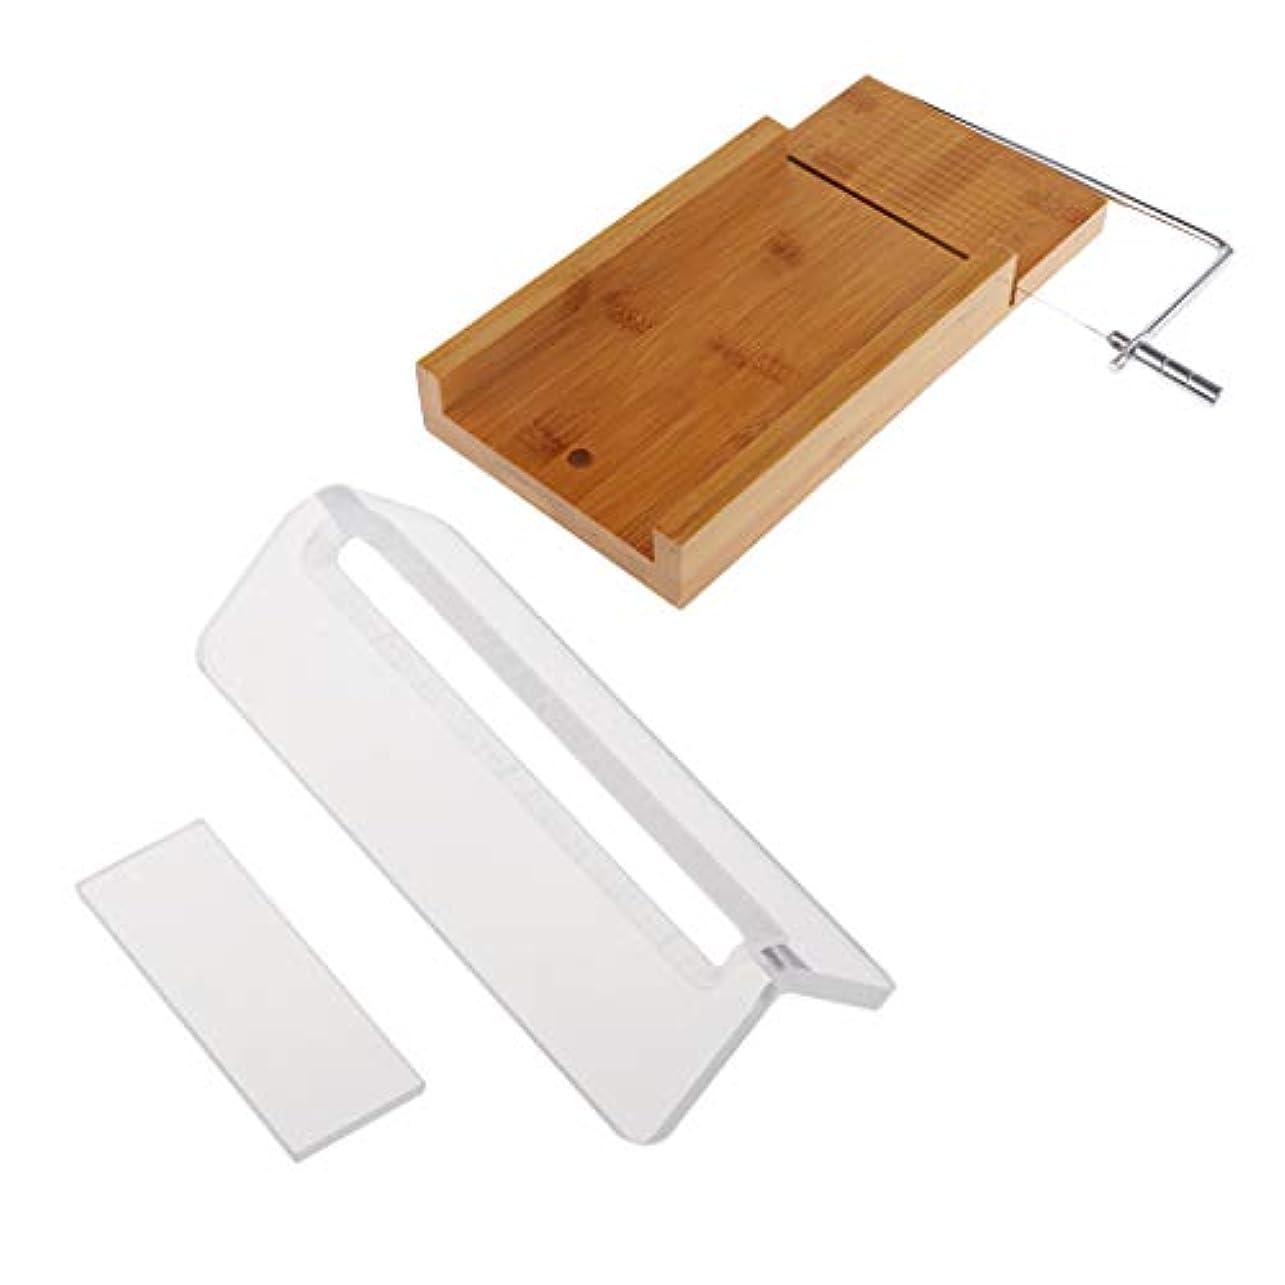 ブルーム上院議員抵抗するローフカッター 木製 ソープ包丁 石鹸カッター 手作り石鹸 DIY キッチン用品 2個入り